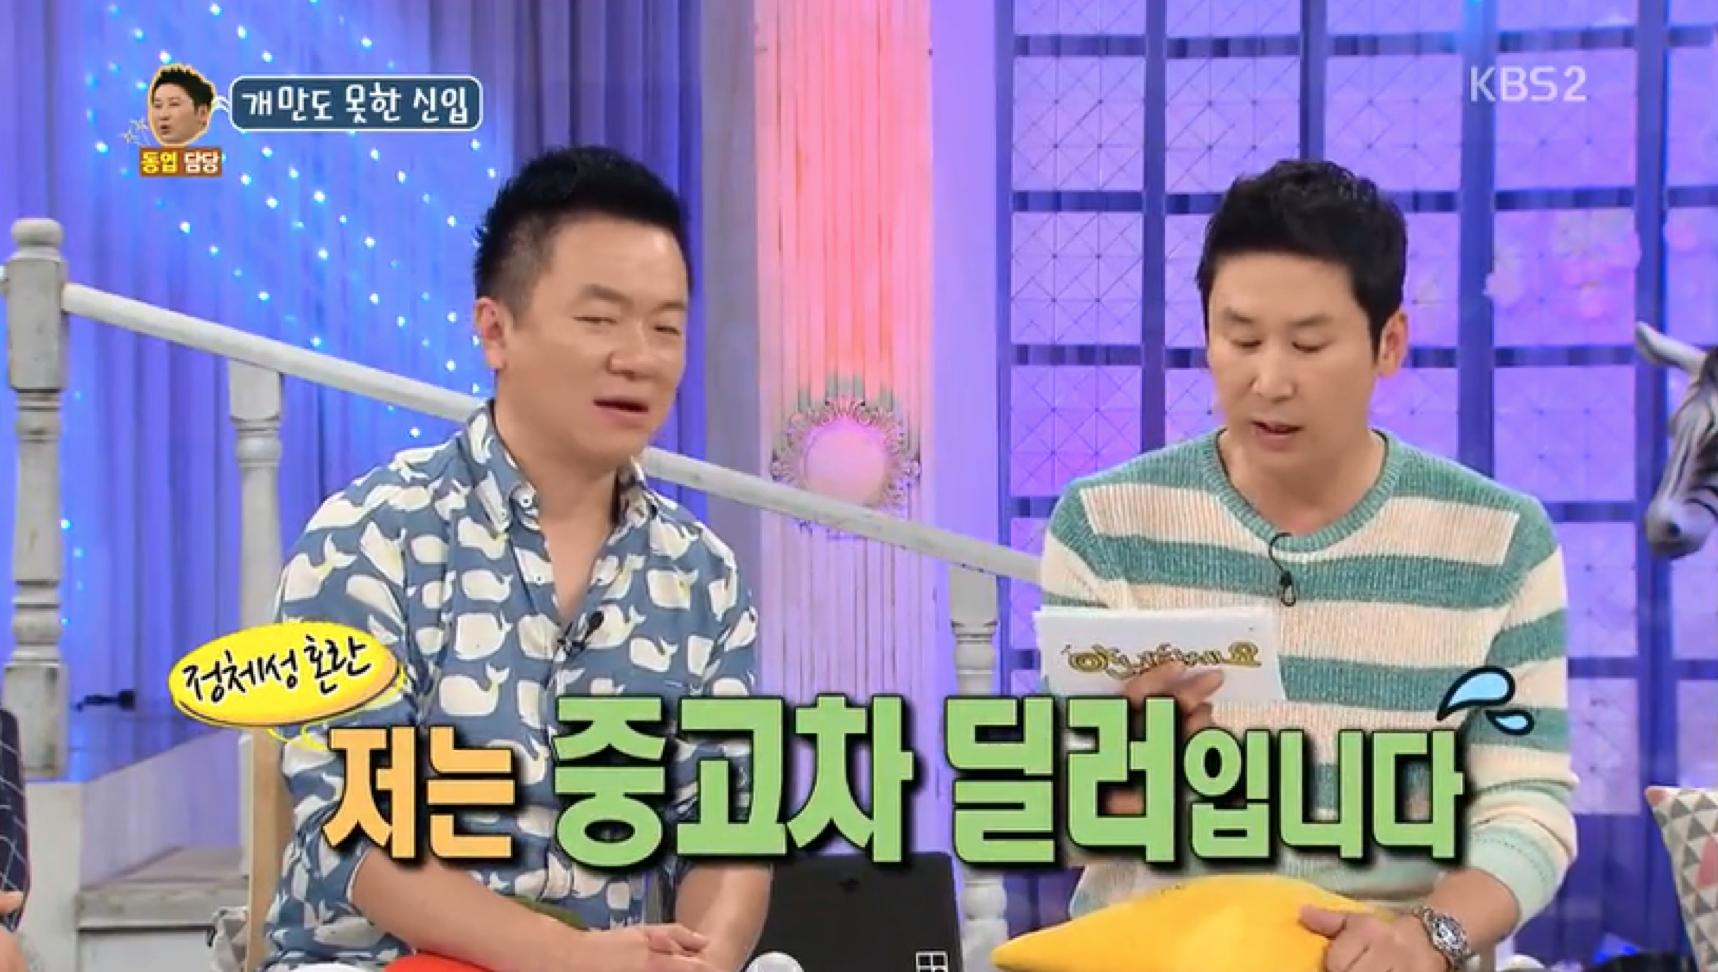 대국민 토크쇼 [안녕하세요]대국민 토크쇼 [안녕하세요] | KBS 공식 블로그 MYloveKBS